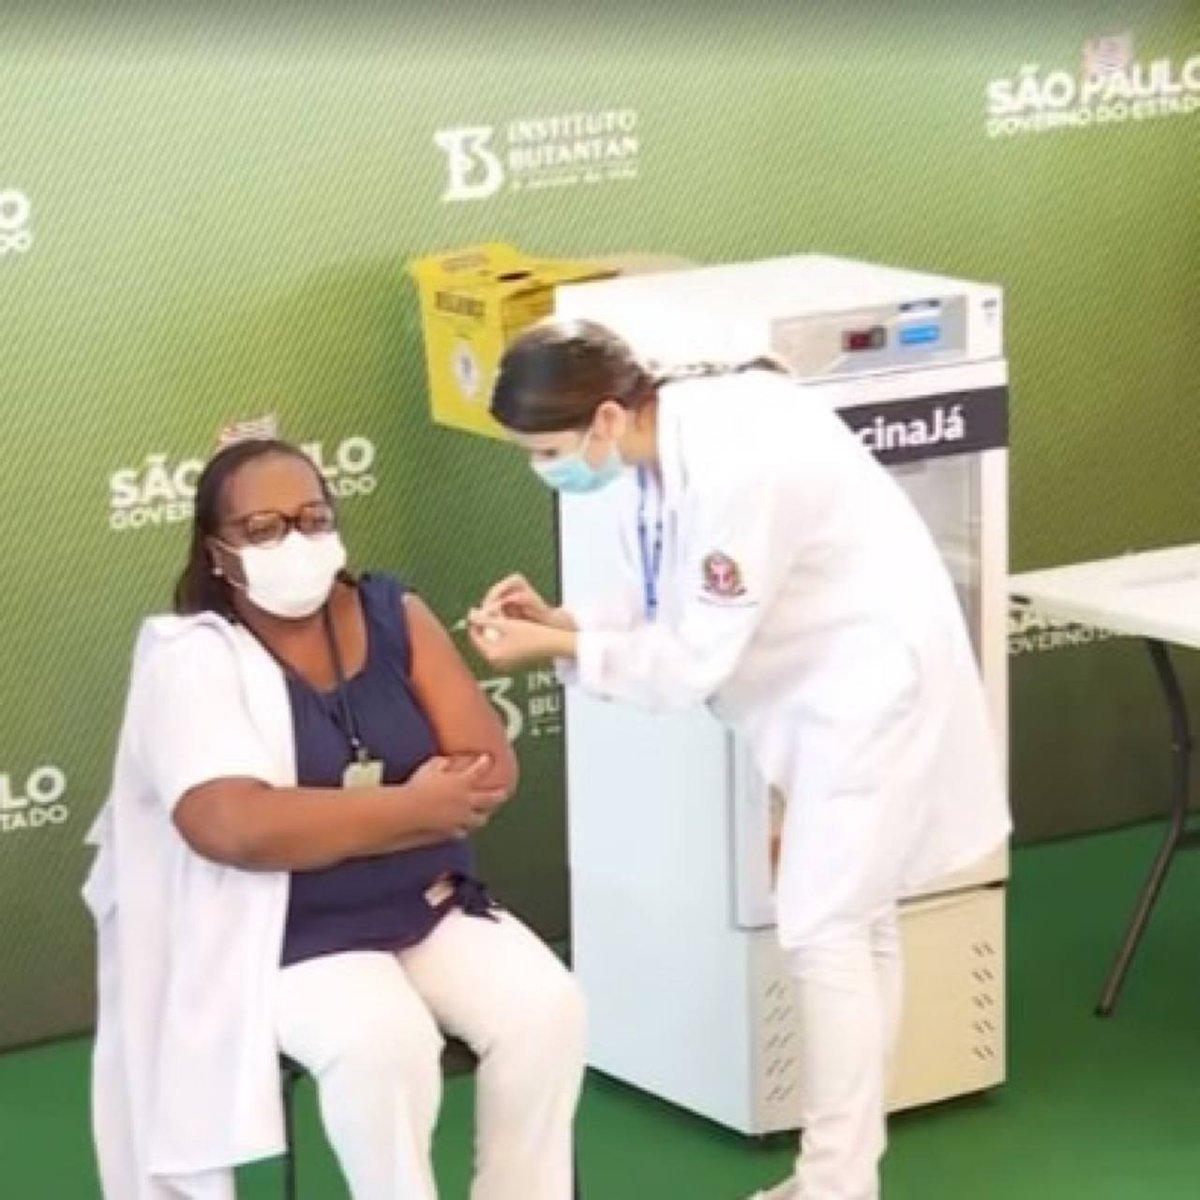 A PRIMEIRA PESSOA DO BRASIL JÁ ESTA VACINADA - A enfermeira Mônica Calazans acaba de receber a primeira dose em São Paulo. #Vacina